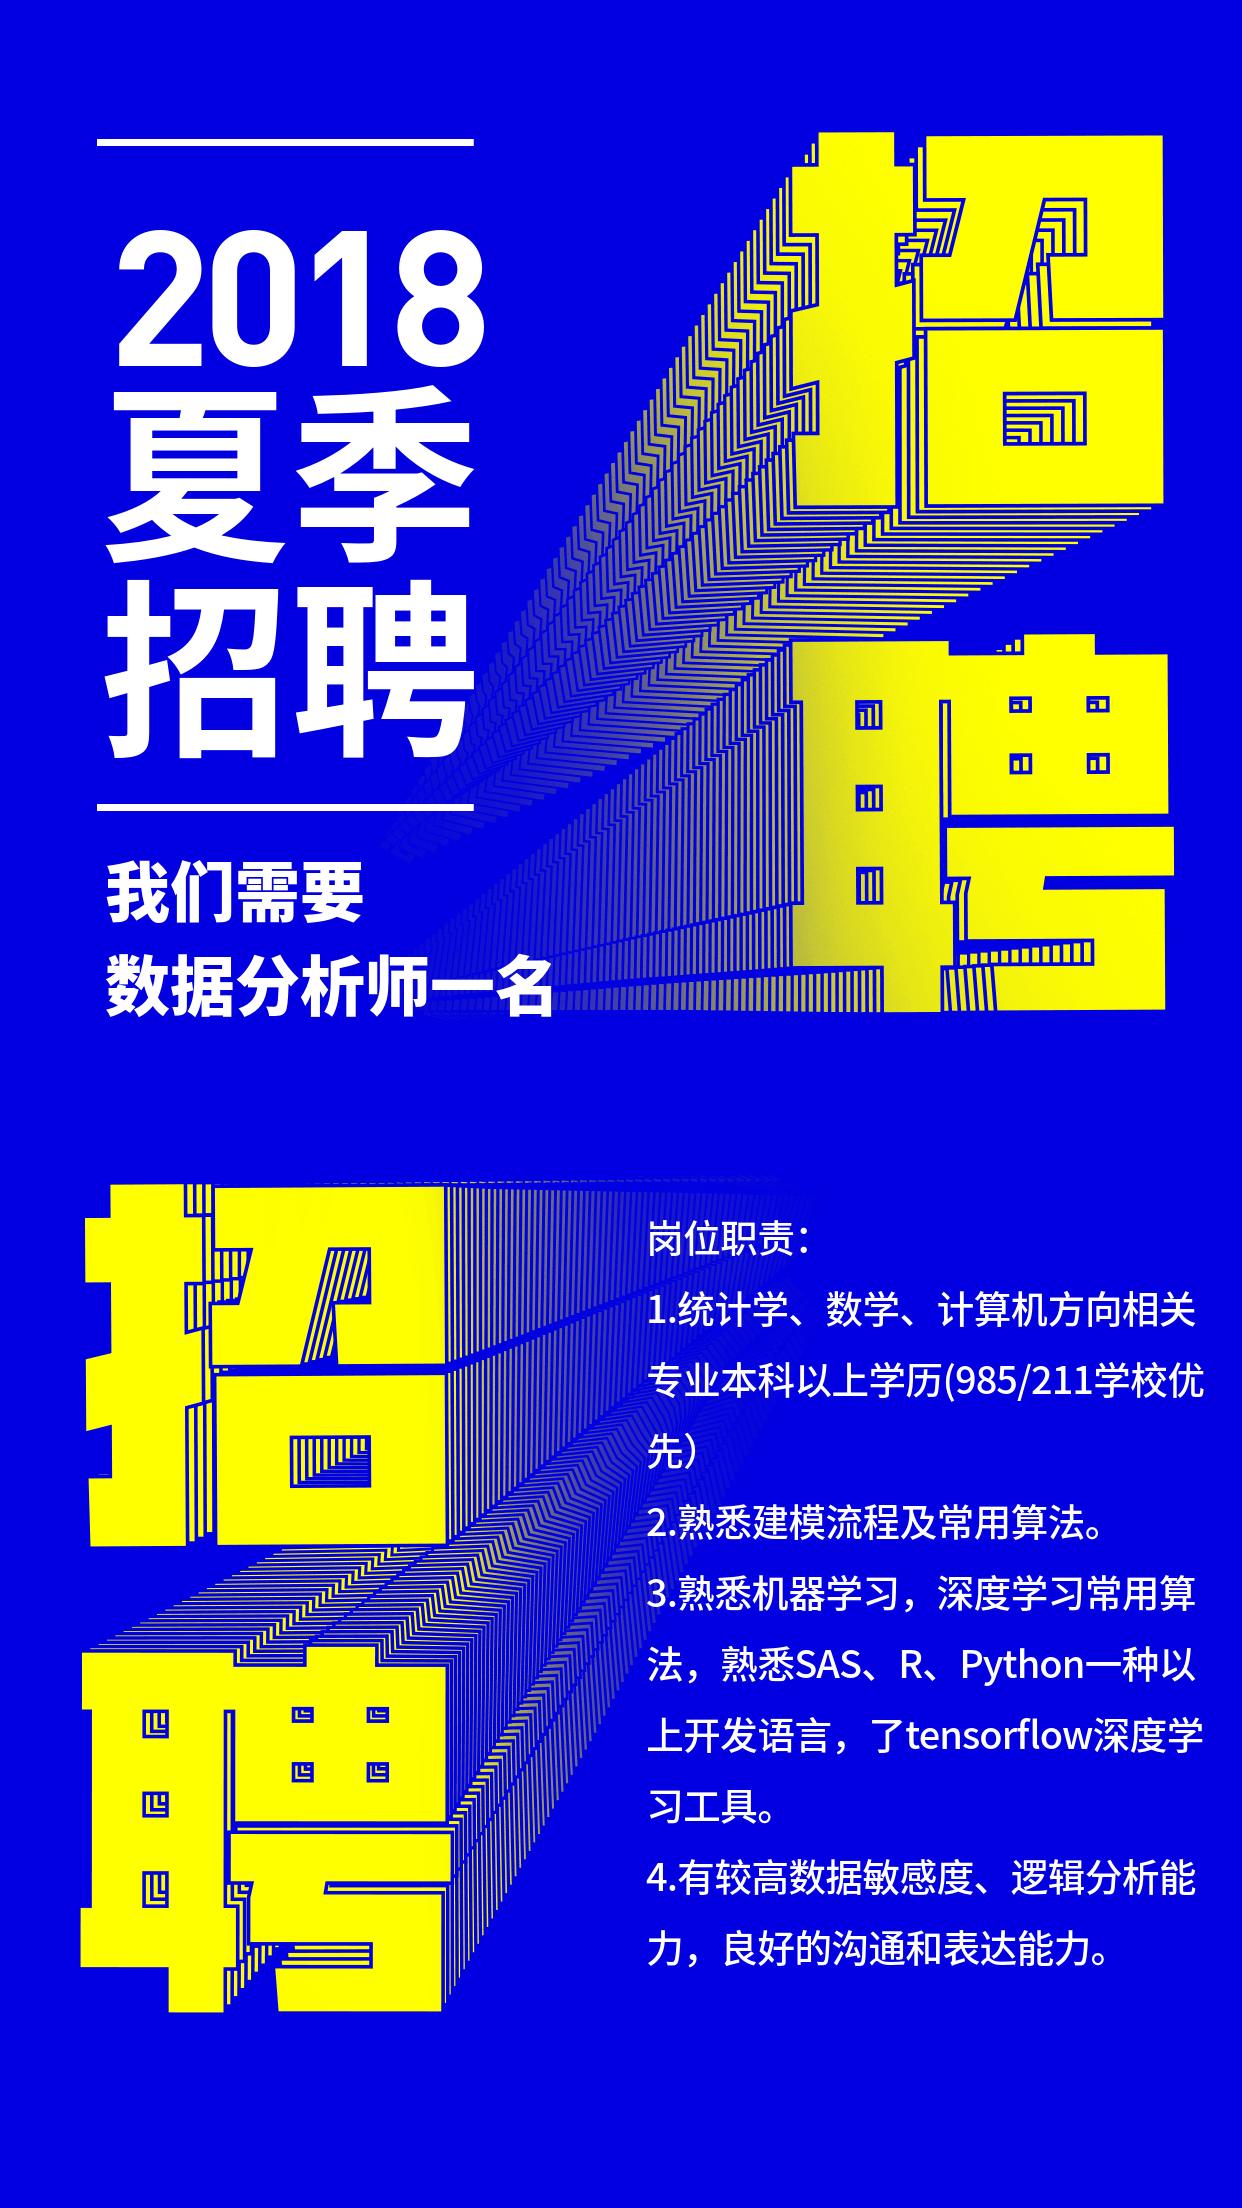 蓝黄撞色个性招聘海报